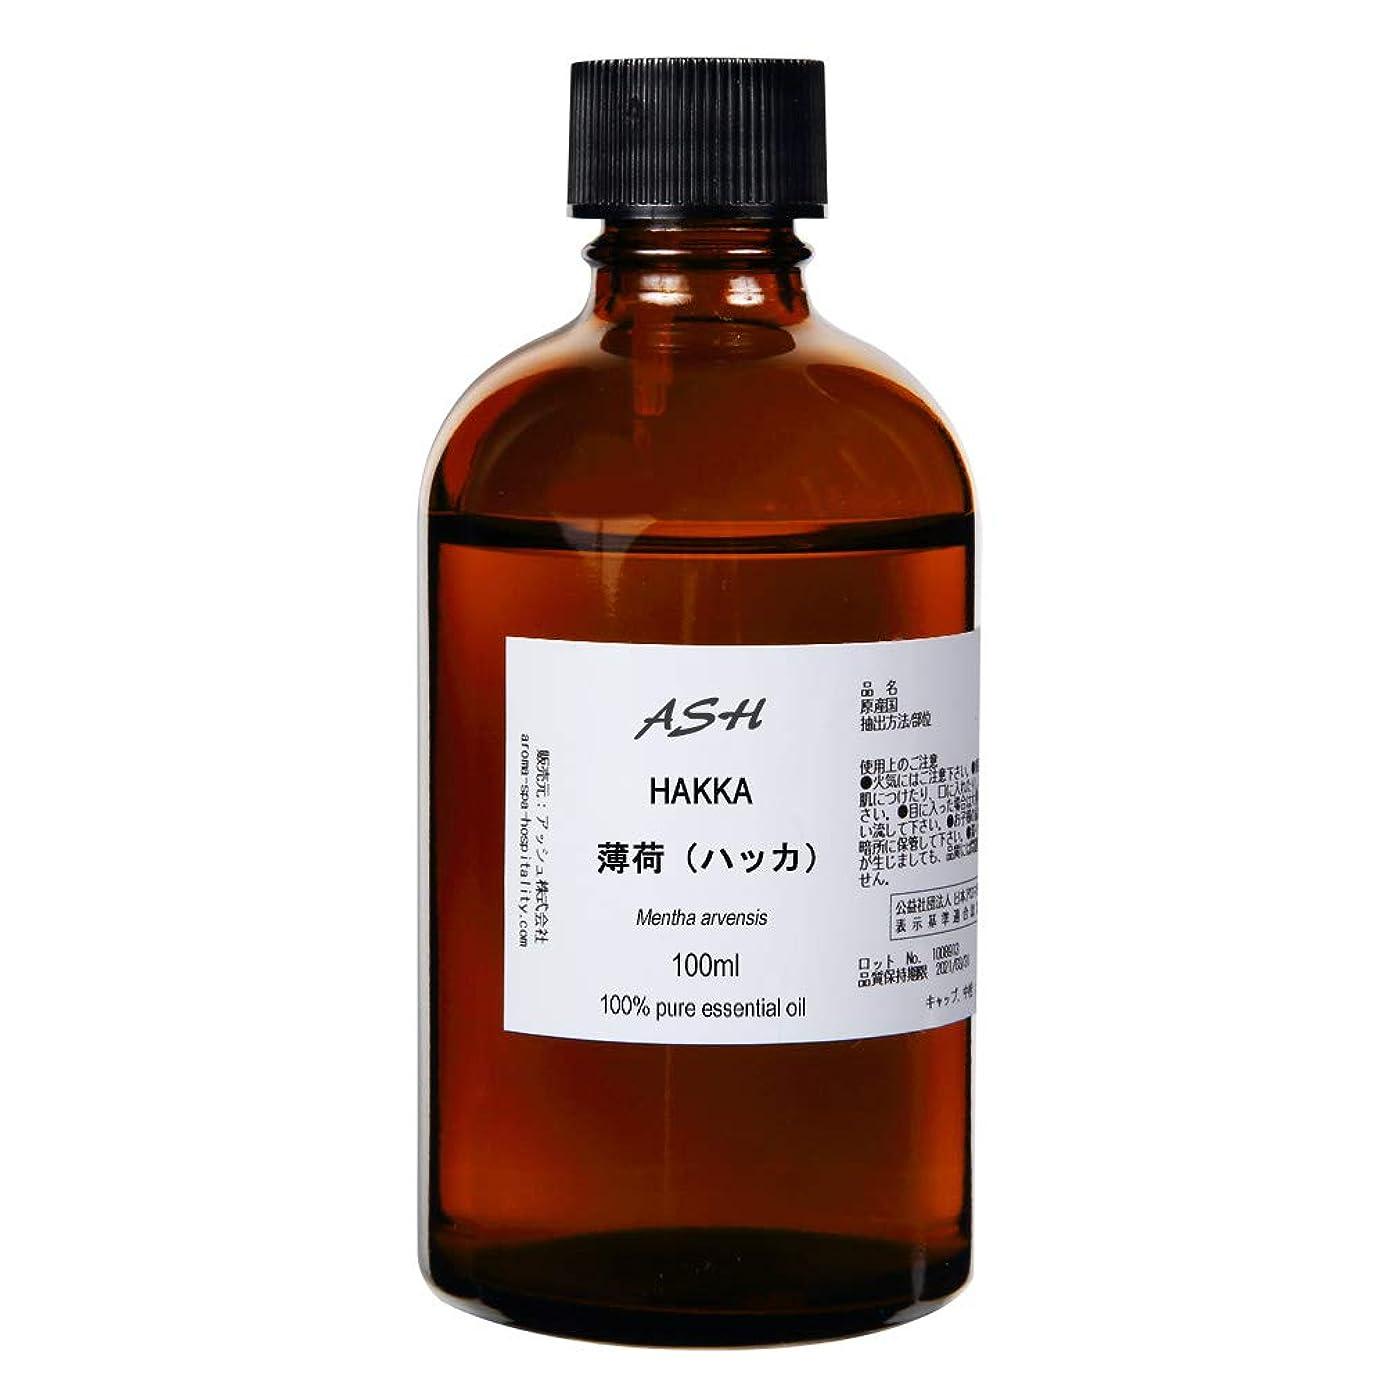 落ち着かないキリスト教投獄ASH 薄荷 ハッカ エッセンシャルオイル 100ml AEAJ表示基準適合認定精油 和種薄荷 和ハッカ ハッカ油